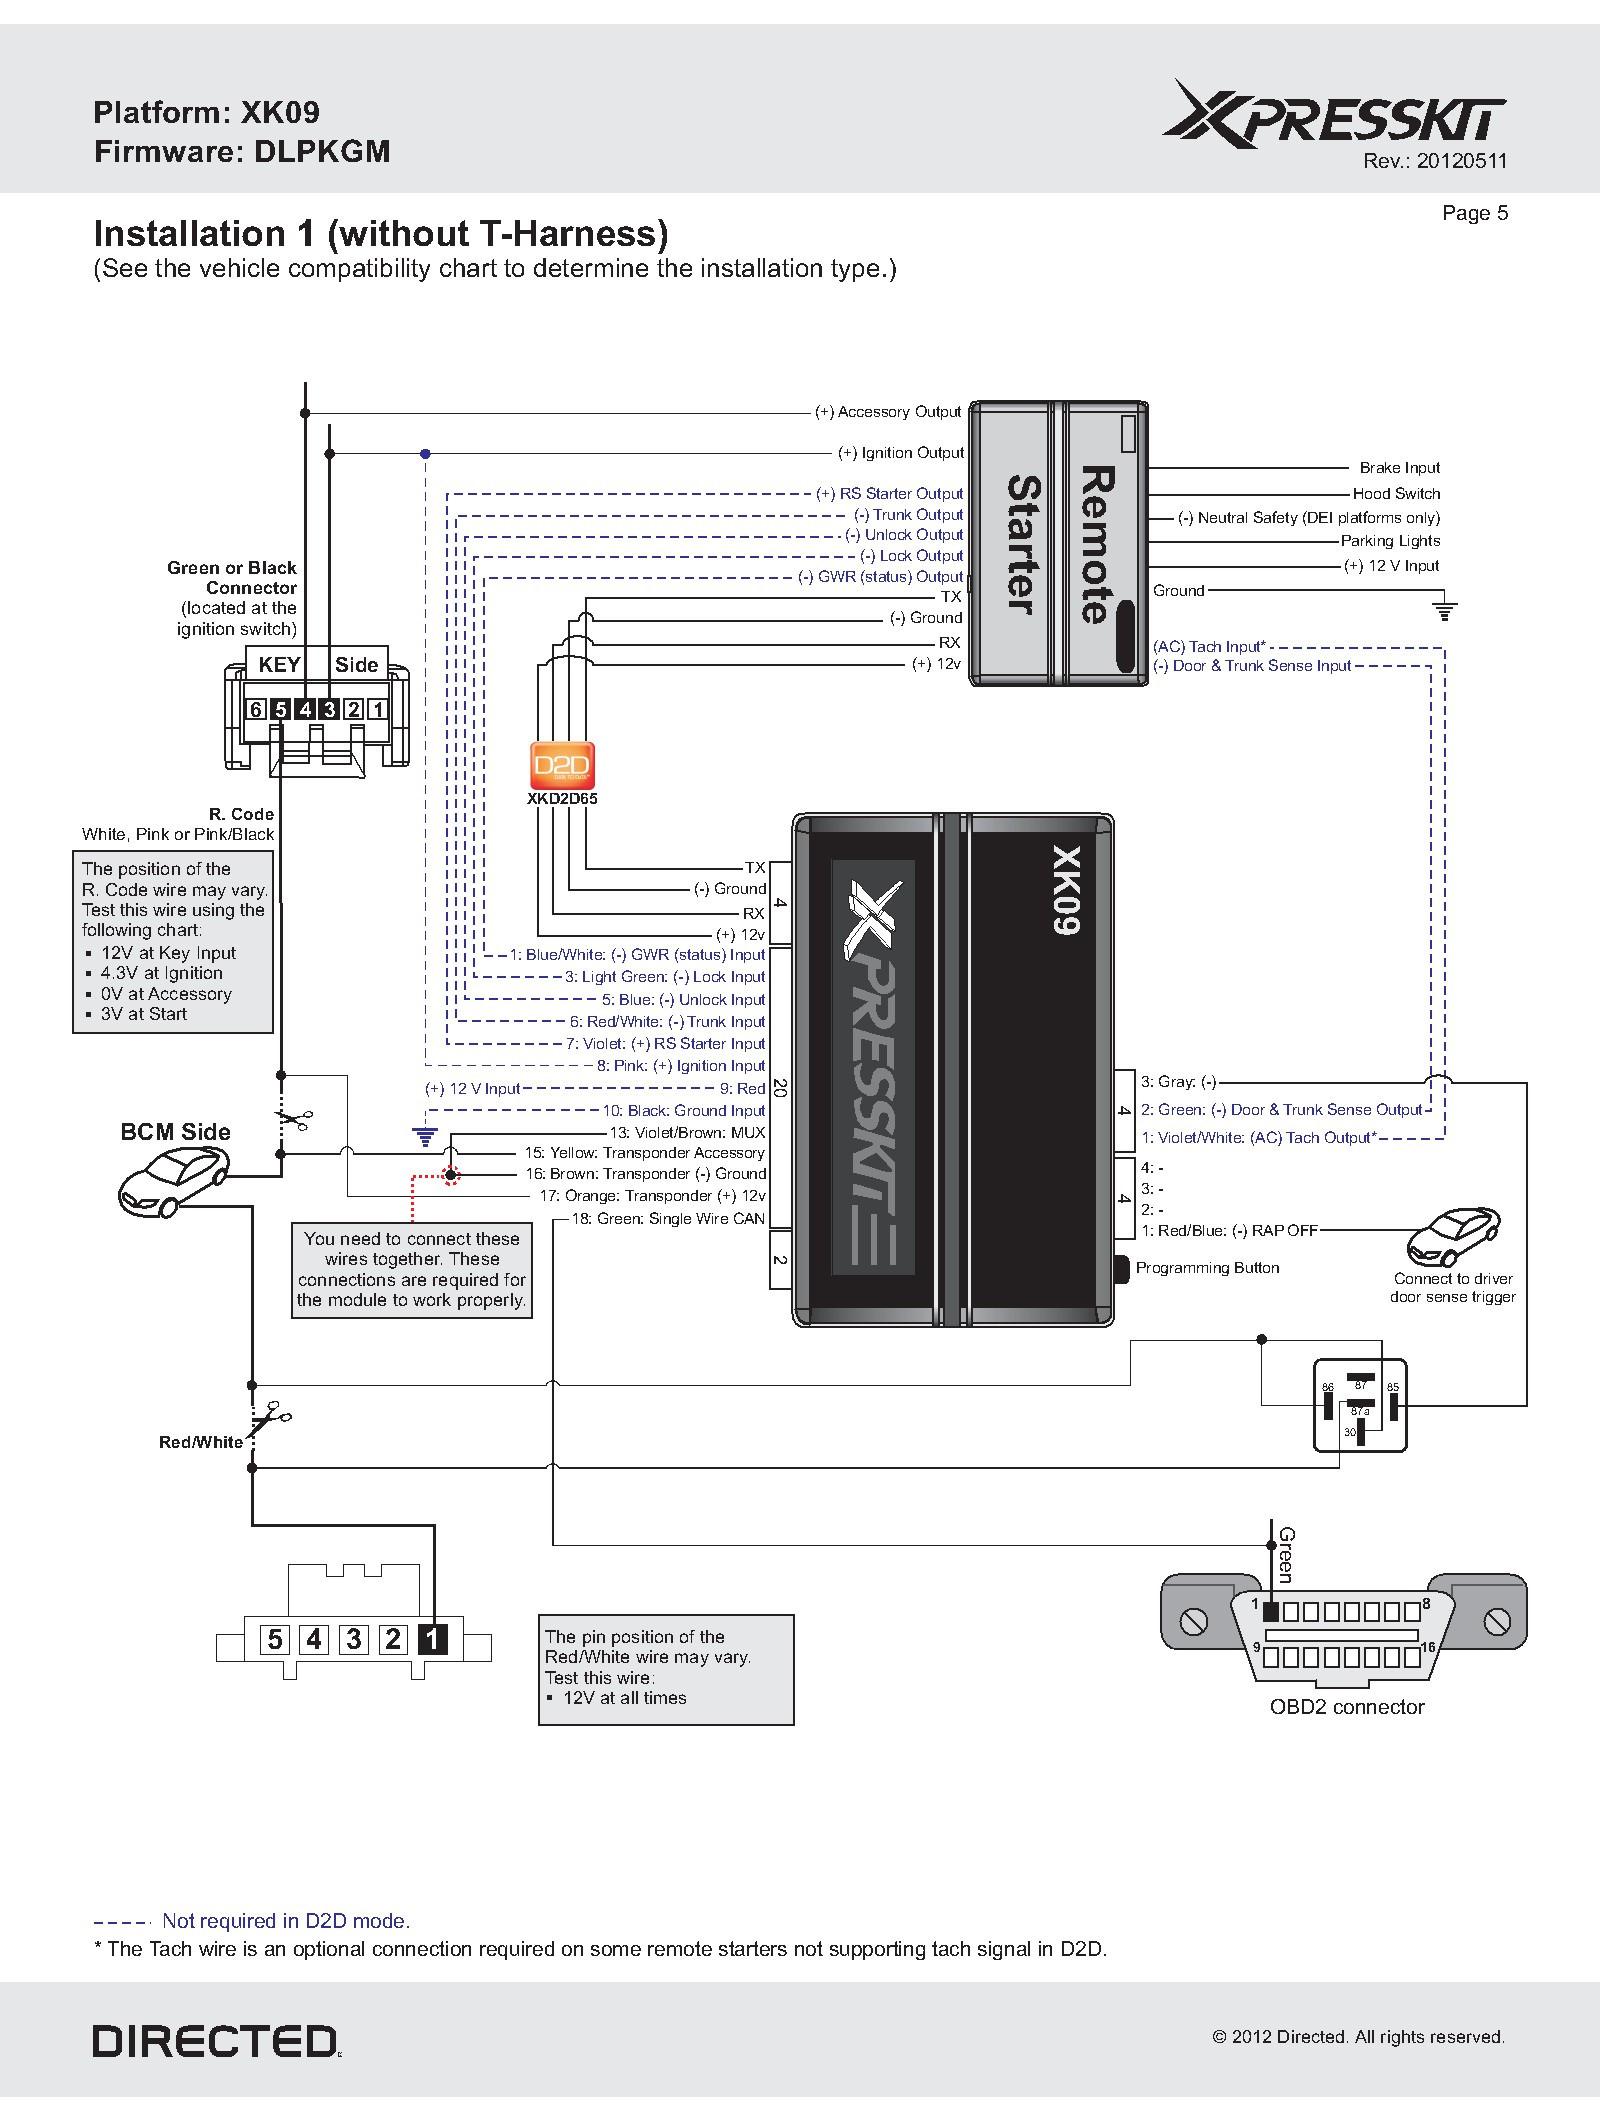 Wiring Bulldog Diagram Security 1640B Tr02 - Wiring Diagram - Bulldog Wiring Diagram